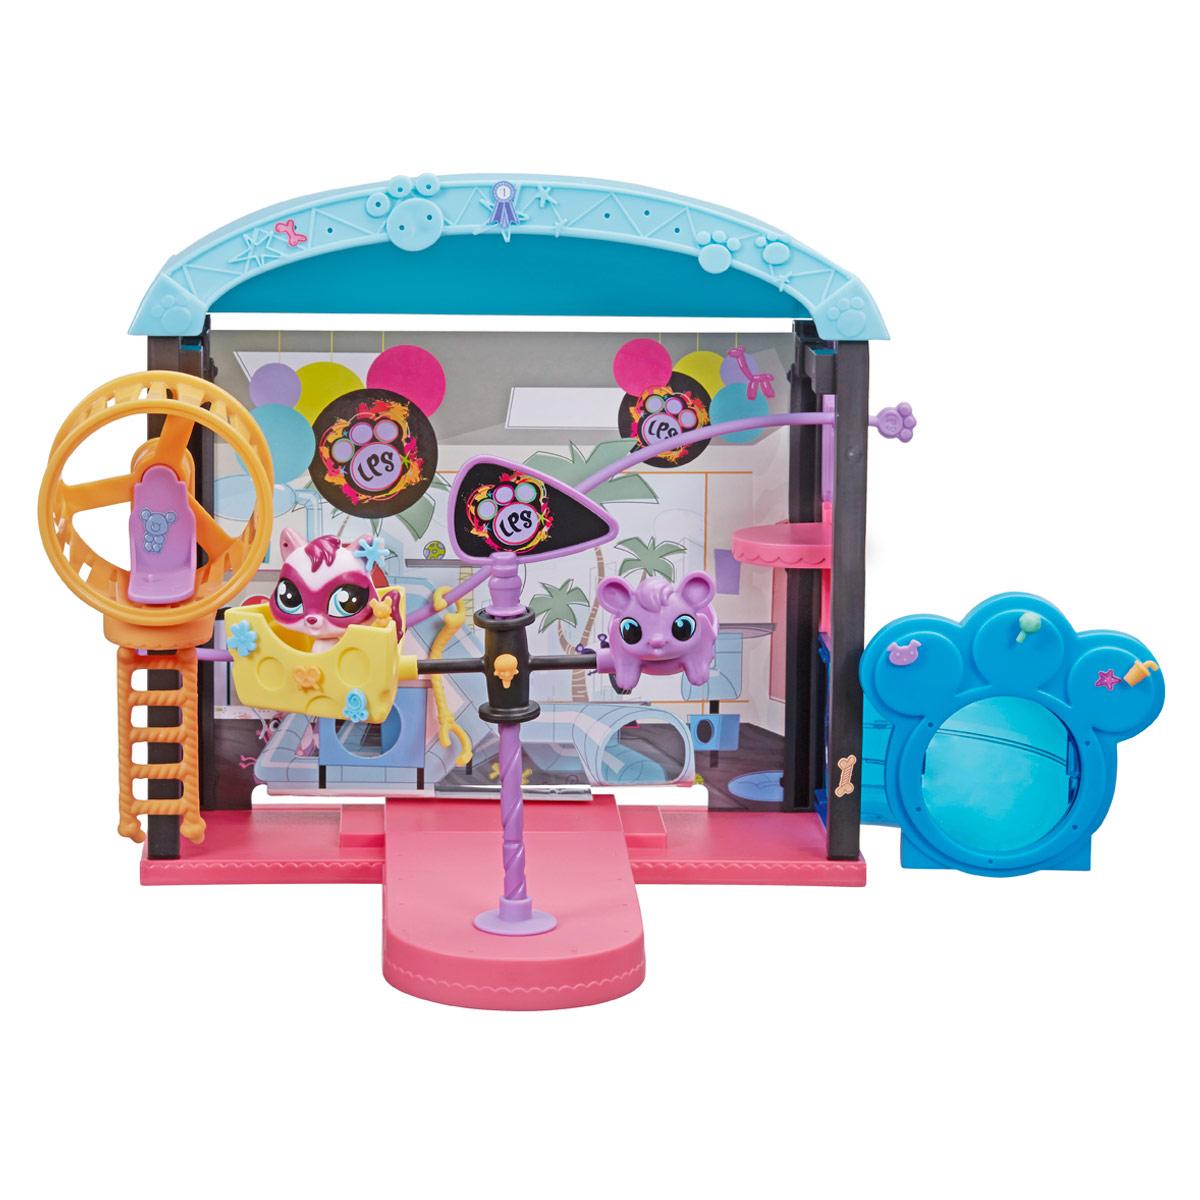 Littlest Pet Shop Игровой набор Веселый парк развлеченийB0249Игровой набор Littlest Pet Shop Веселый парк развлечений не оставит равнодушной вашу малышку! Набор включает в себя элементы для сборки парка развлечений, эксклюзивную фигурку питомца, а также множество наклеек и аксессуаров для декорации. Более 60 элементов! Все элементы набора выполнены из прочного пластика. Соберите настоящий парк развлечений для питомцев, и прокатите зверюшку на карусели, тарзанке, или в веселом вращающемся колесе. Ребенок сможет украсить парк развлечений по своему вкусу, при помощи множества разнообразных аксессуаров и наклеек. Играя с этим набором, ваша малышка прекрасно проведет время. Порадуйте ее таким замечательным подарком!